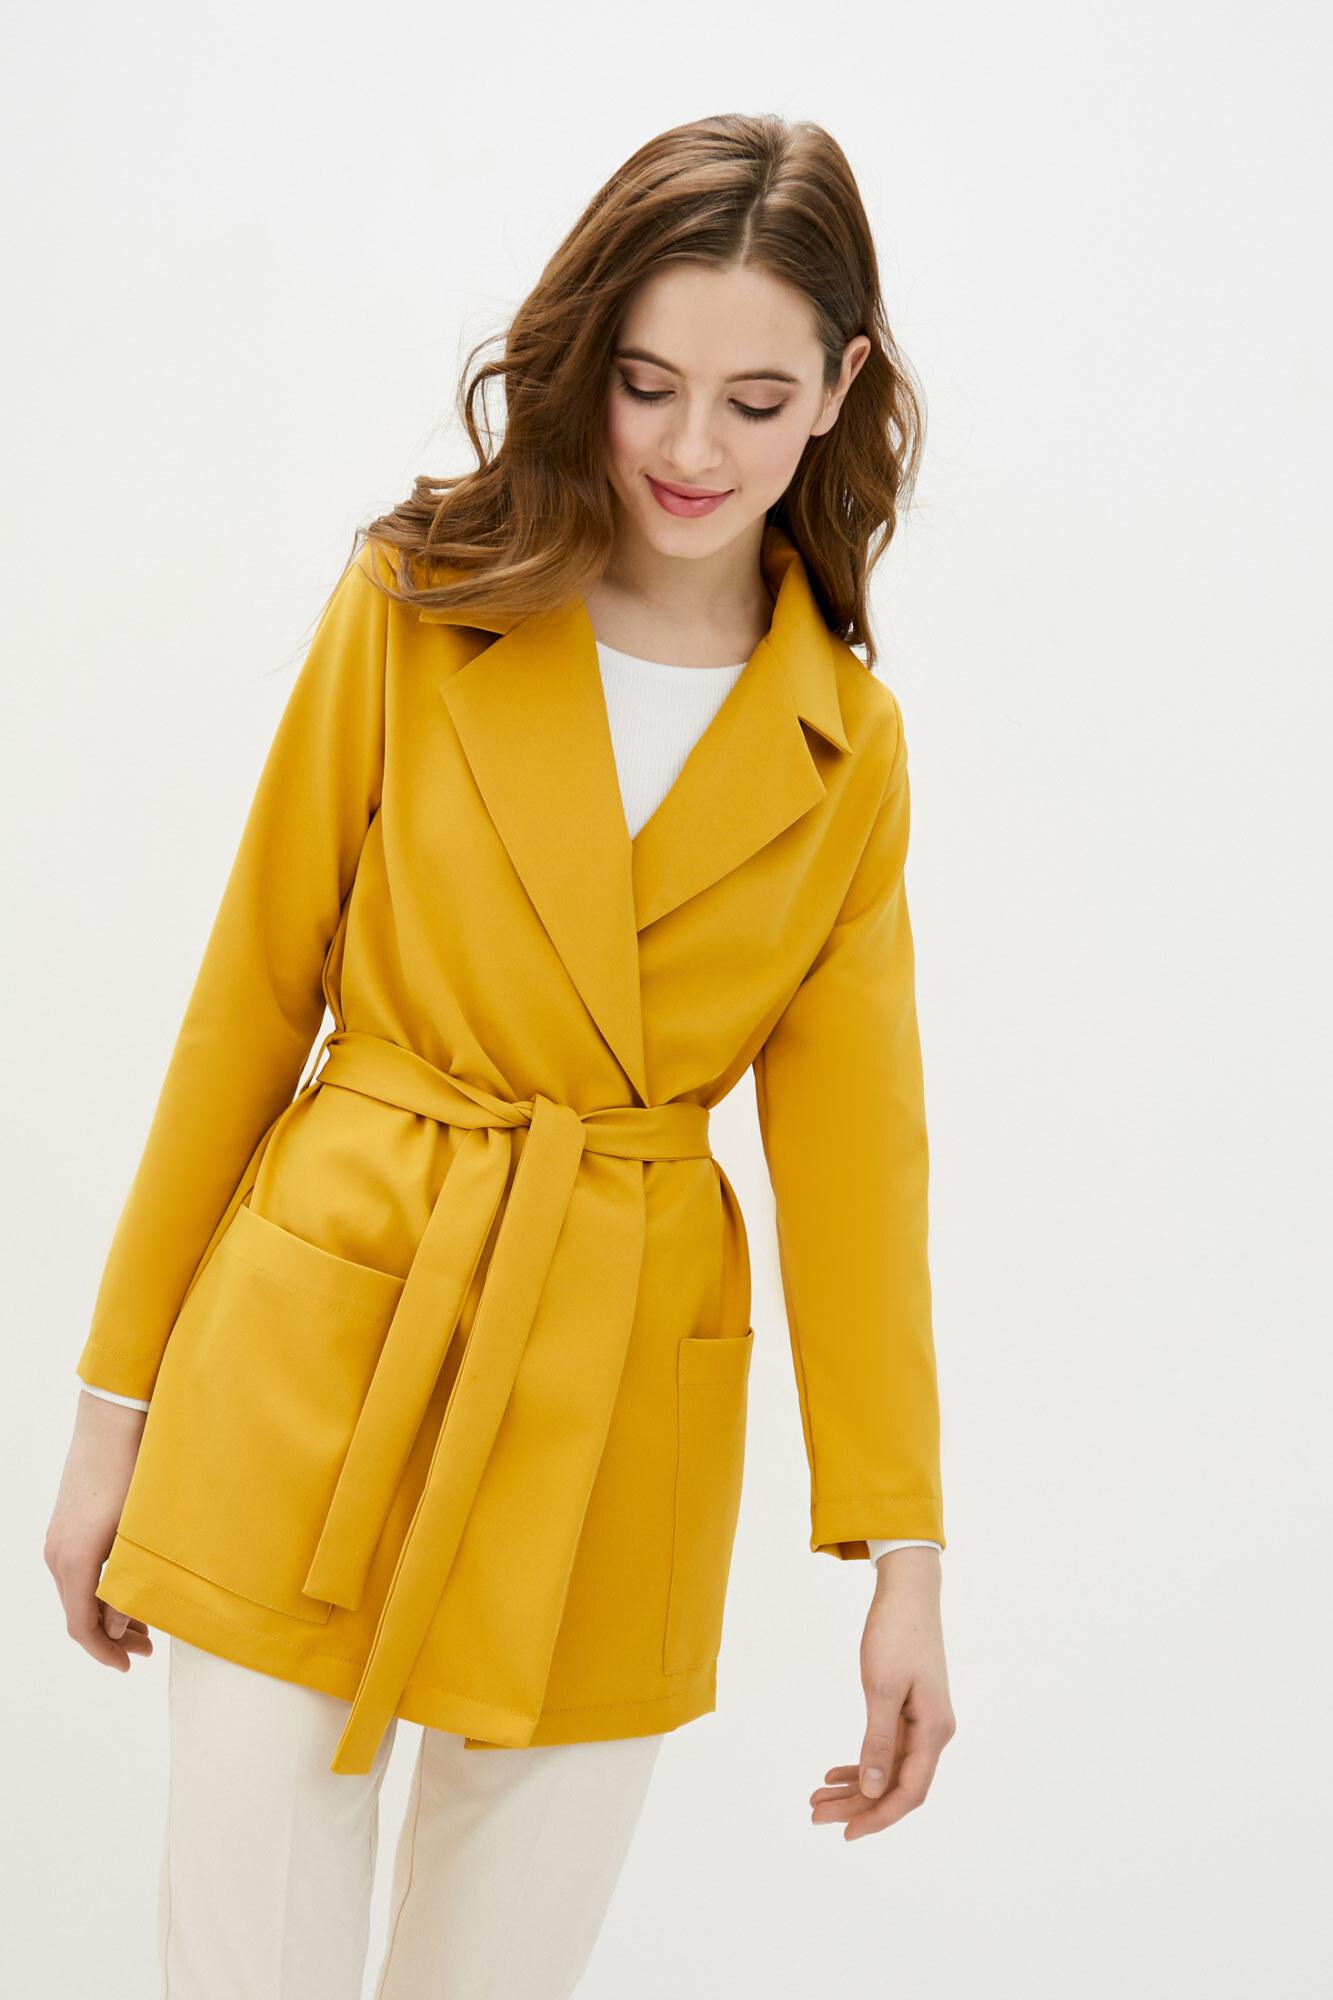 Длинный пиджак без застежек желтого цвета GEN